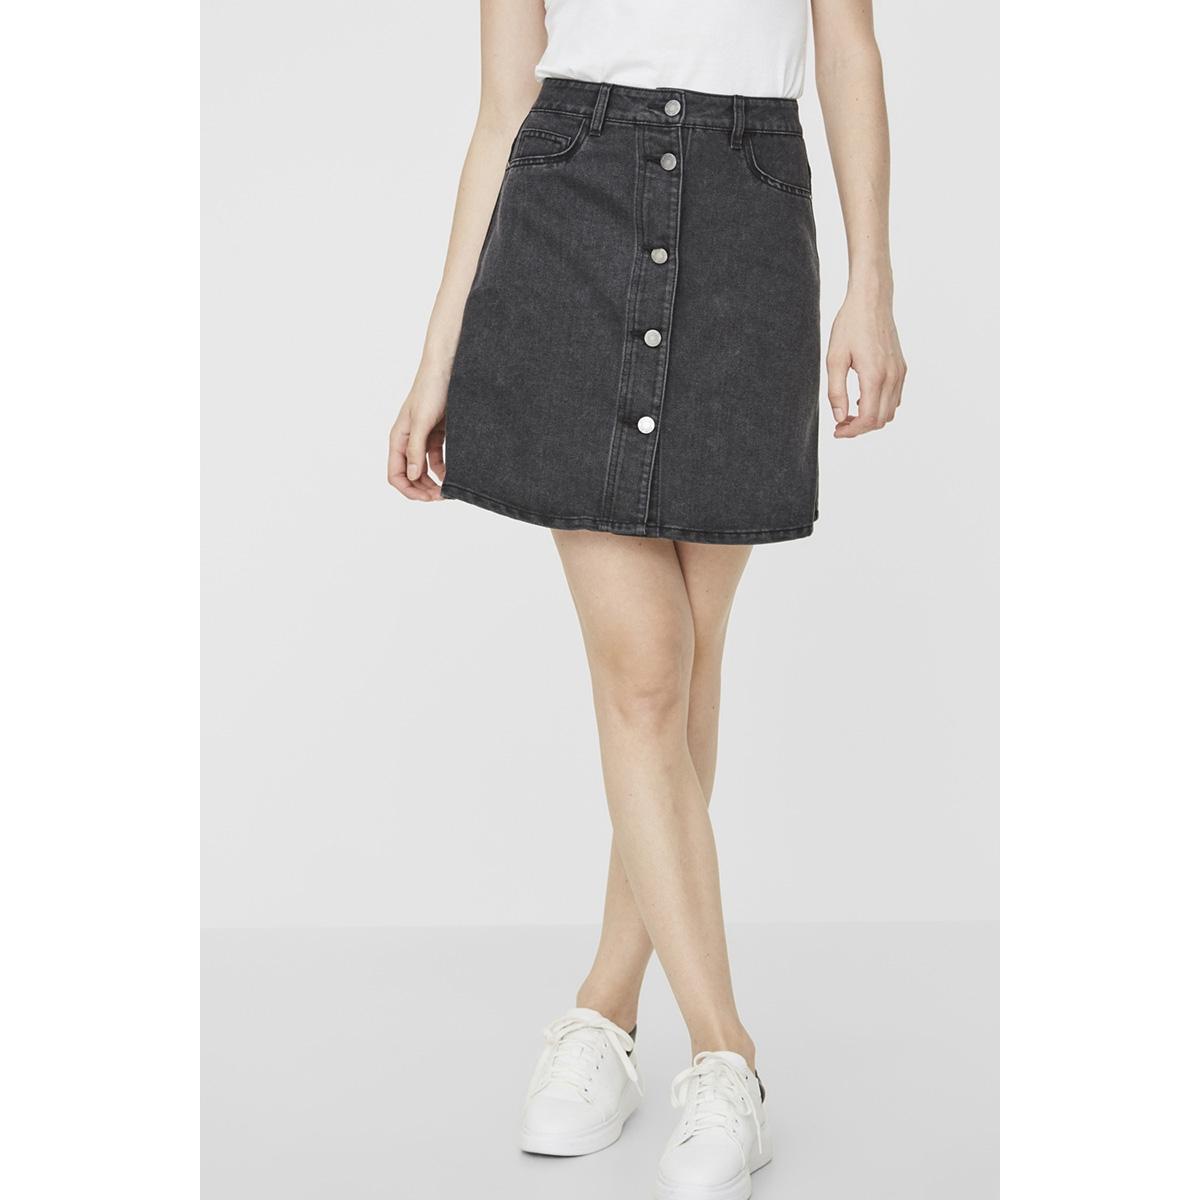 nmsunny short dnm skater skirt blck 27000430 noisy may rok black